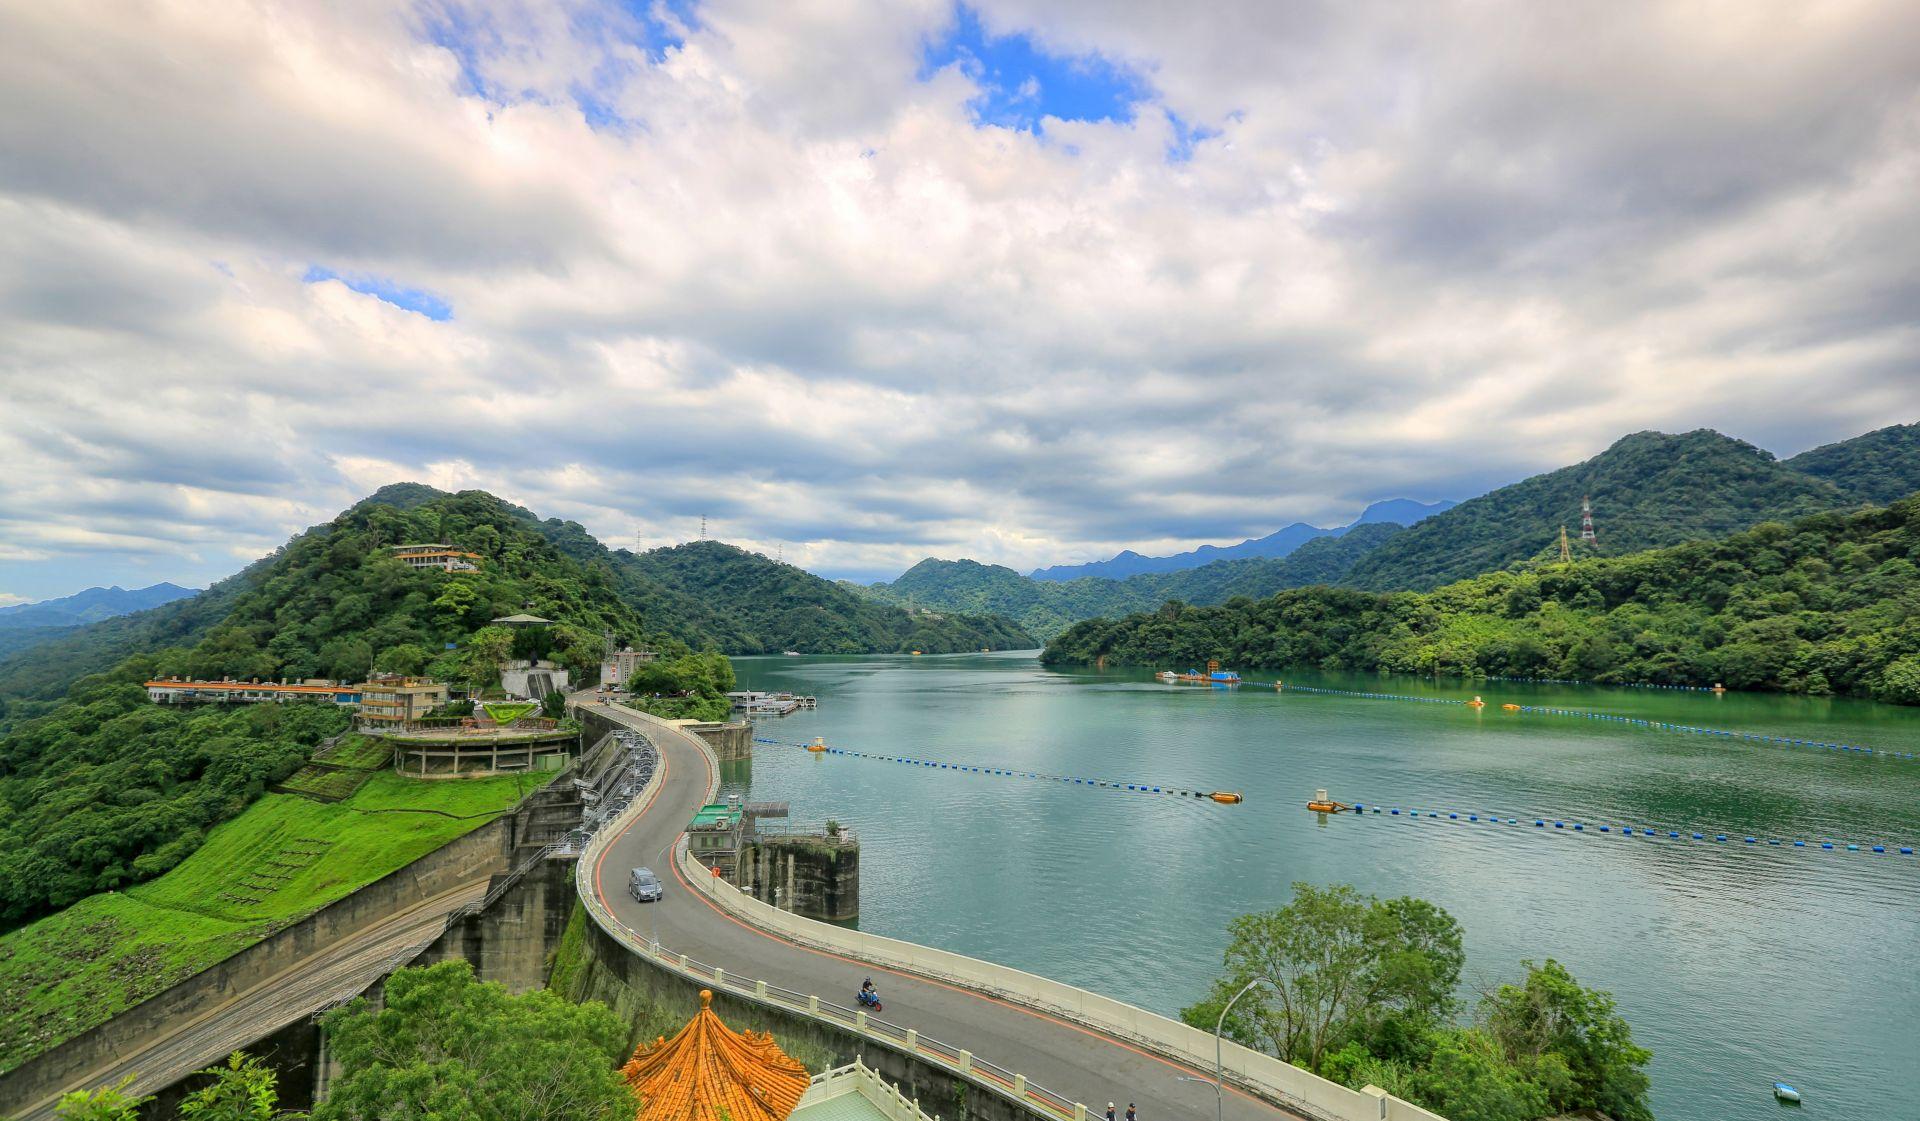 曾1年漏掉近5億噸水,如今減少的漏水量可裝滿逾1座石門水庫!56年來首度汛期無颱,台灣如何留住更多水?